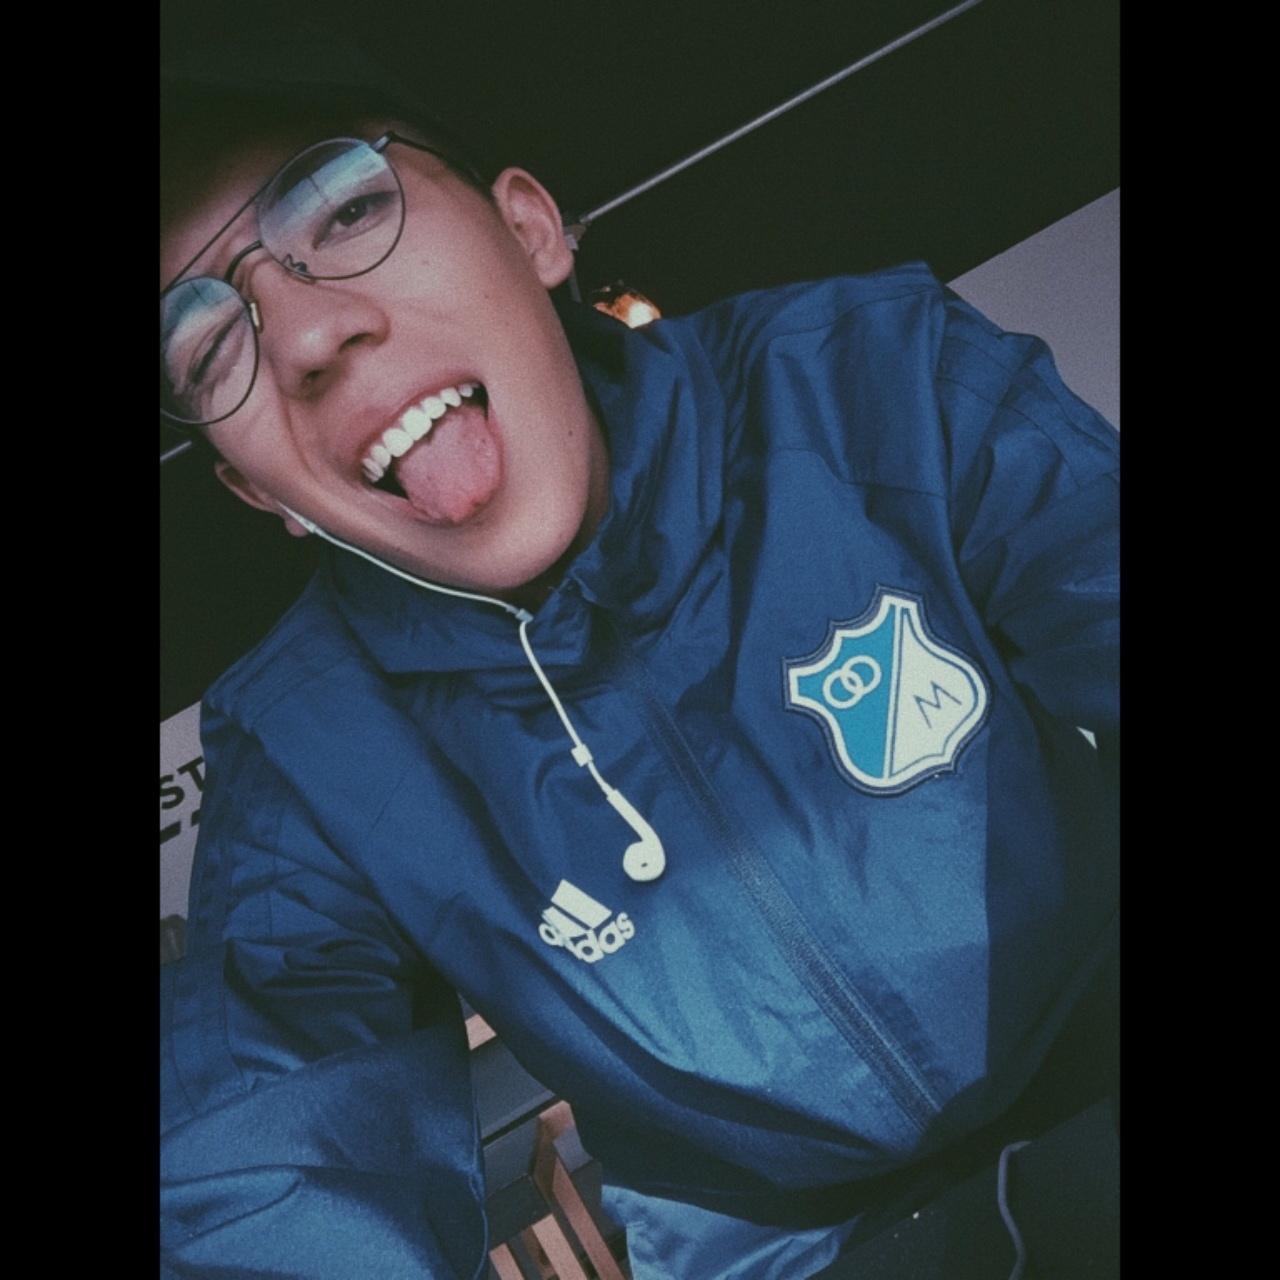 camilo_leal